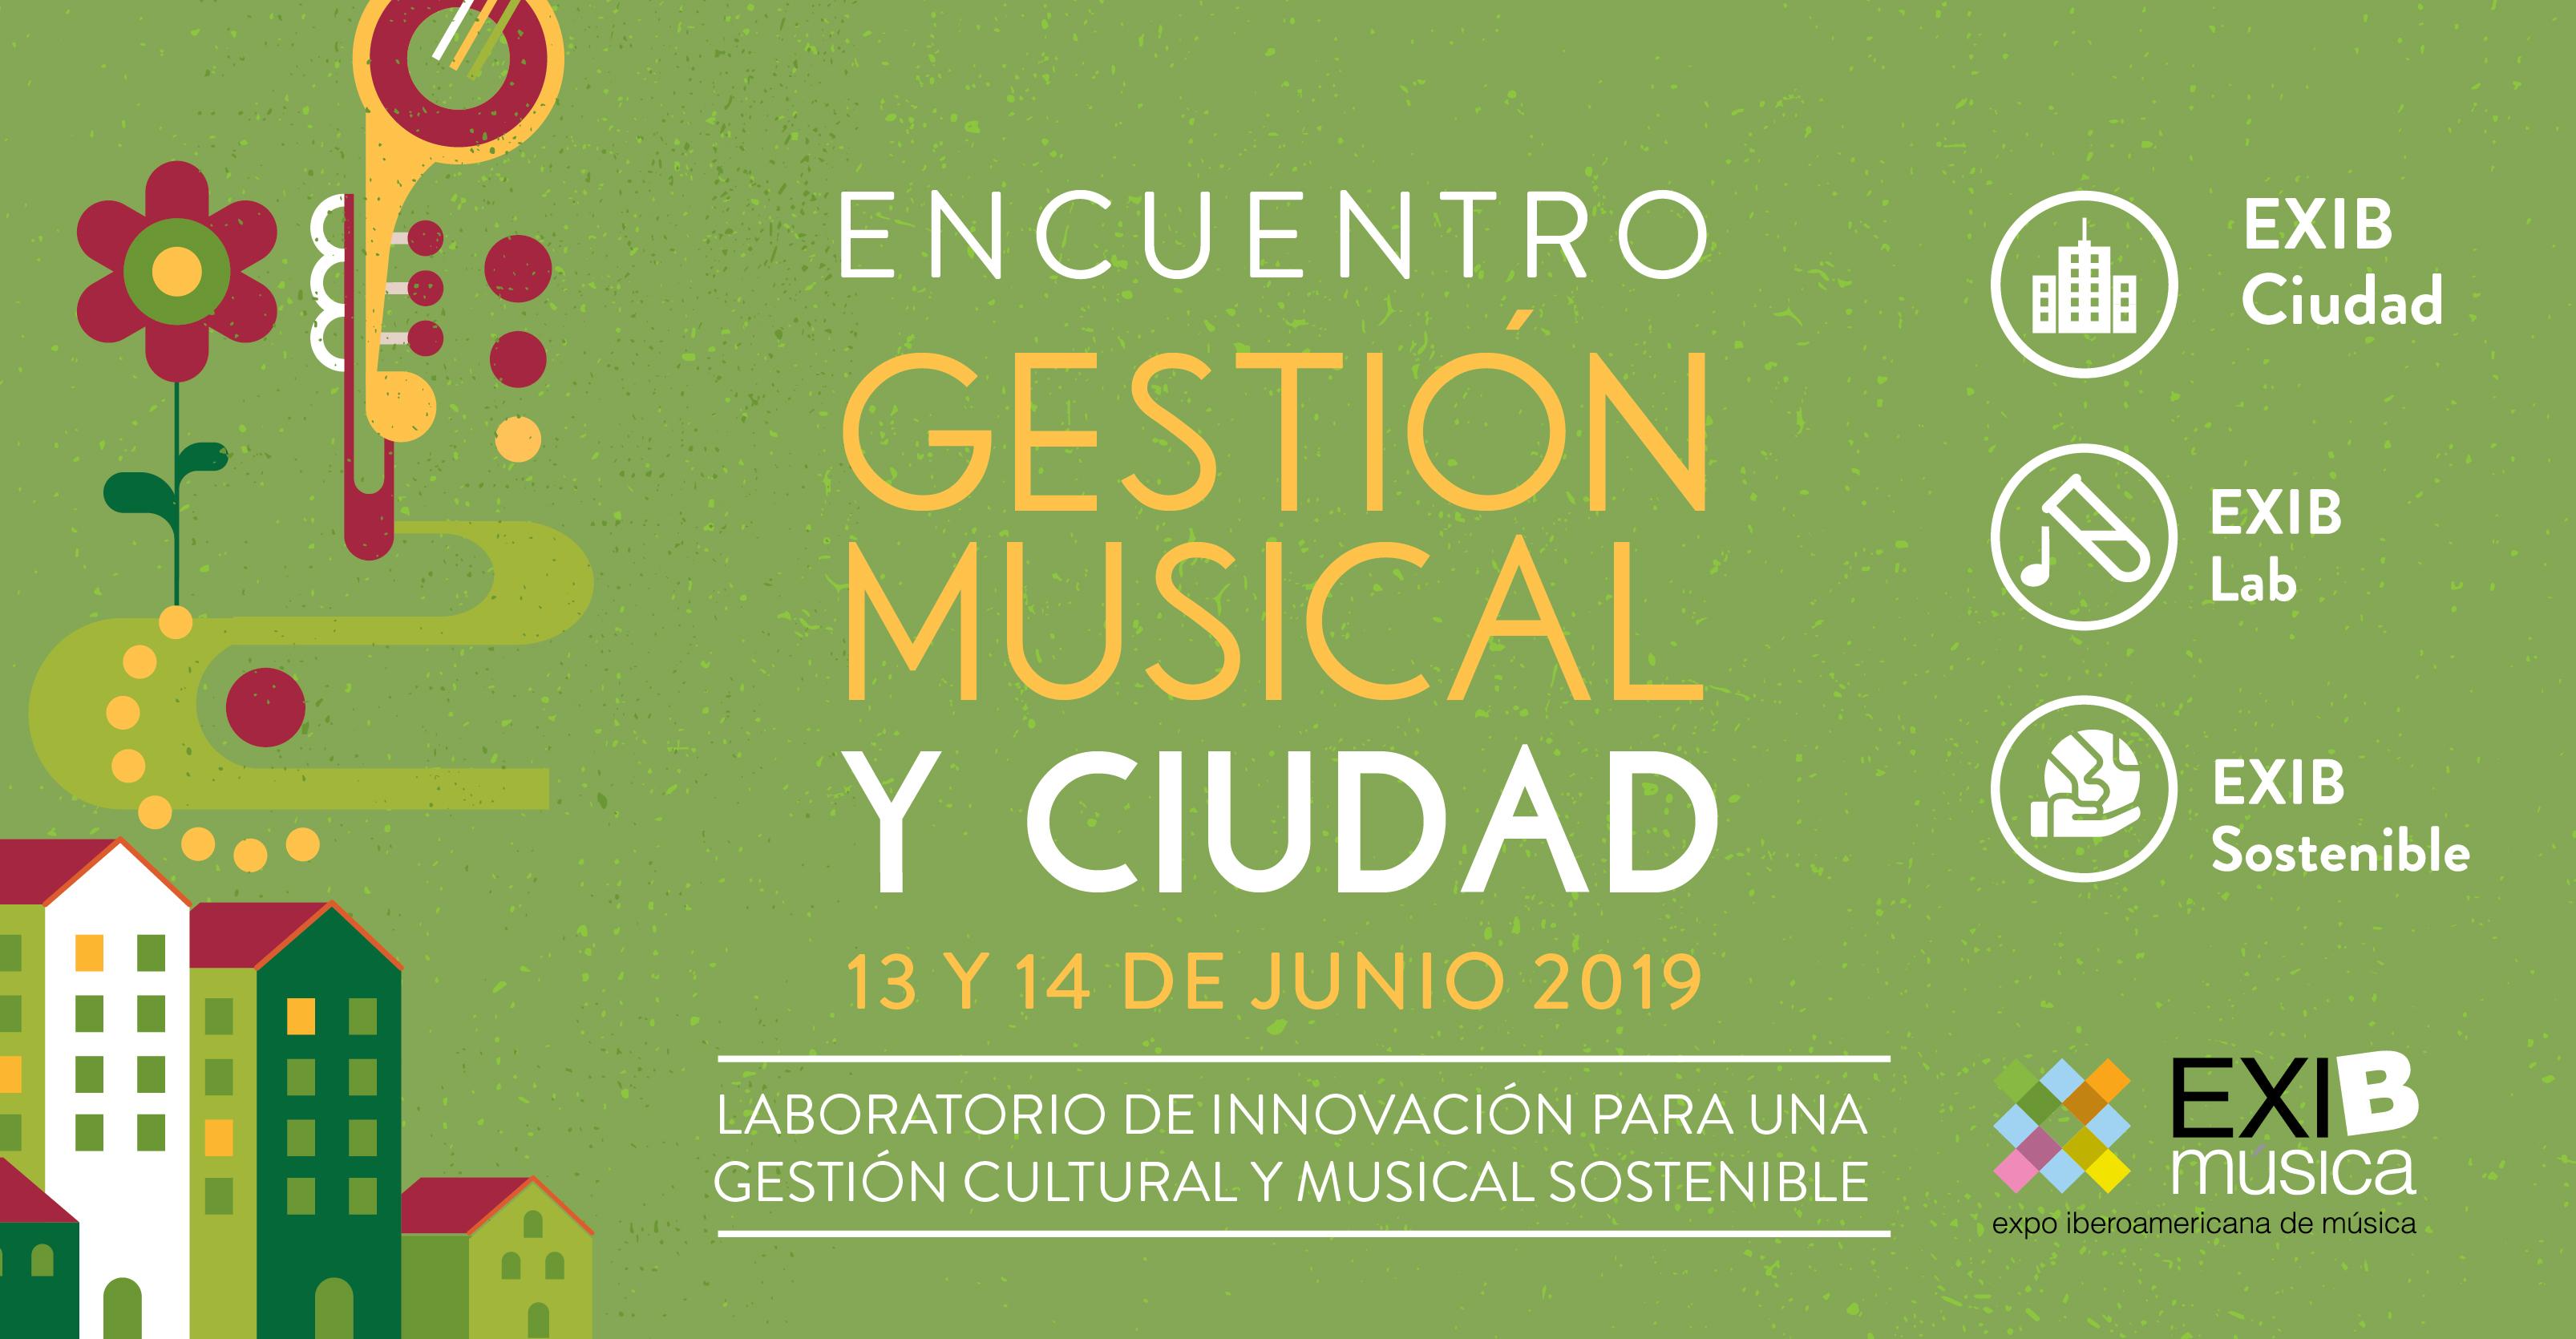 La V Edición de EXIB Música Setúbal 2019 analizará el papel de la Cultura y la Música en el Plan Estratégico de la Ciudad